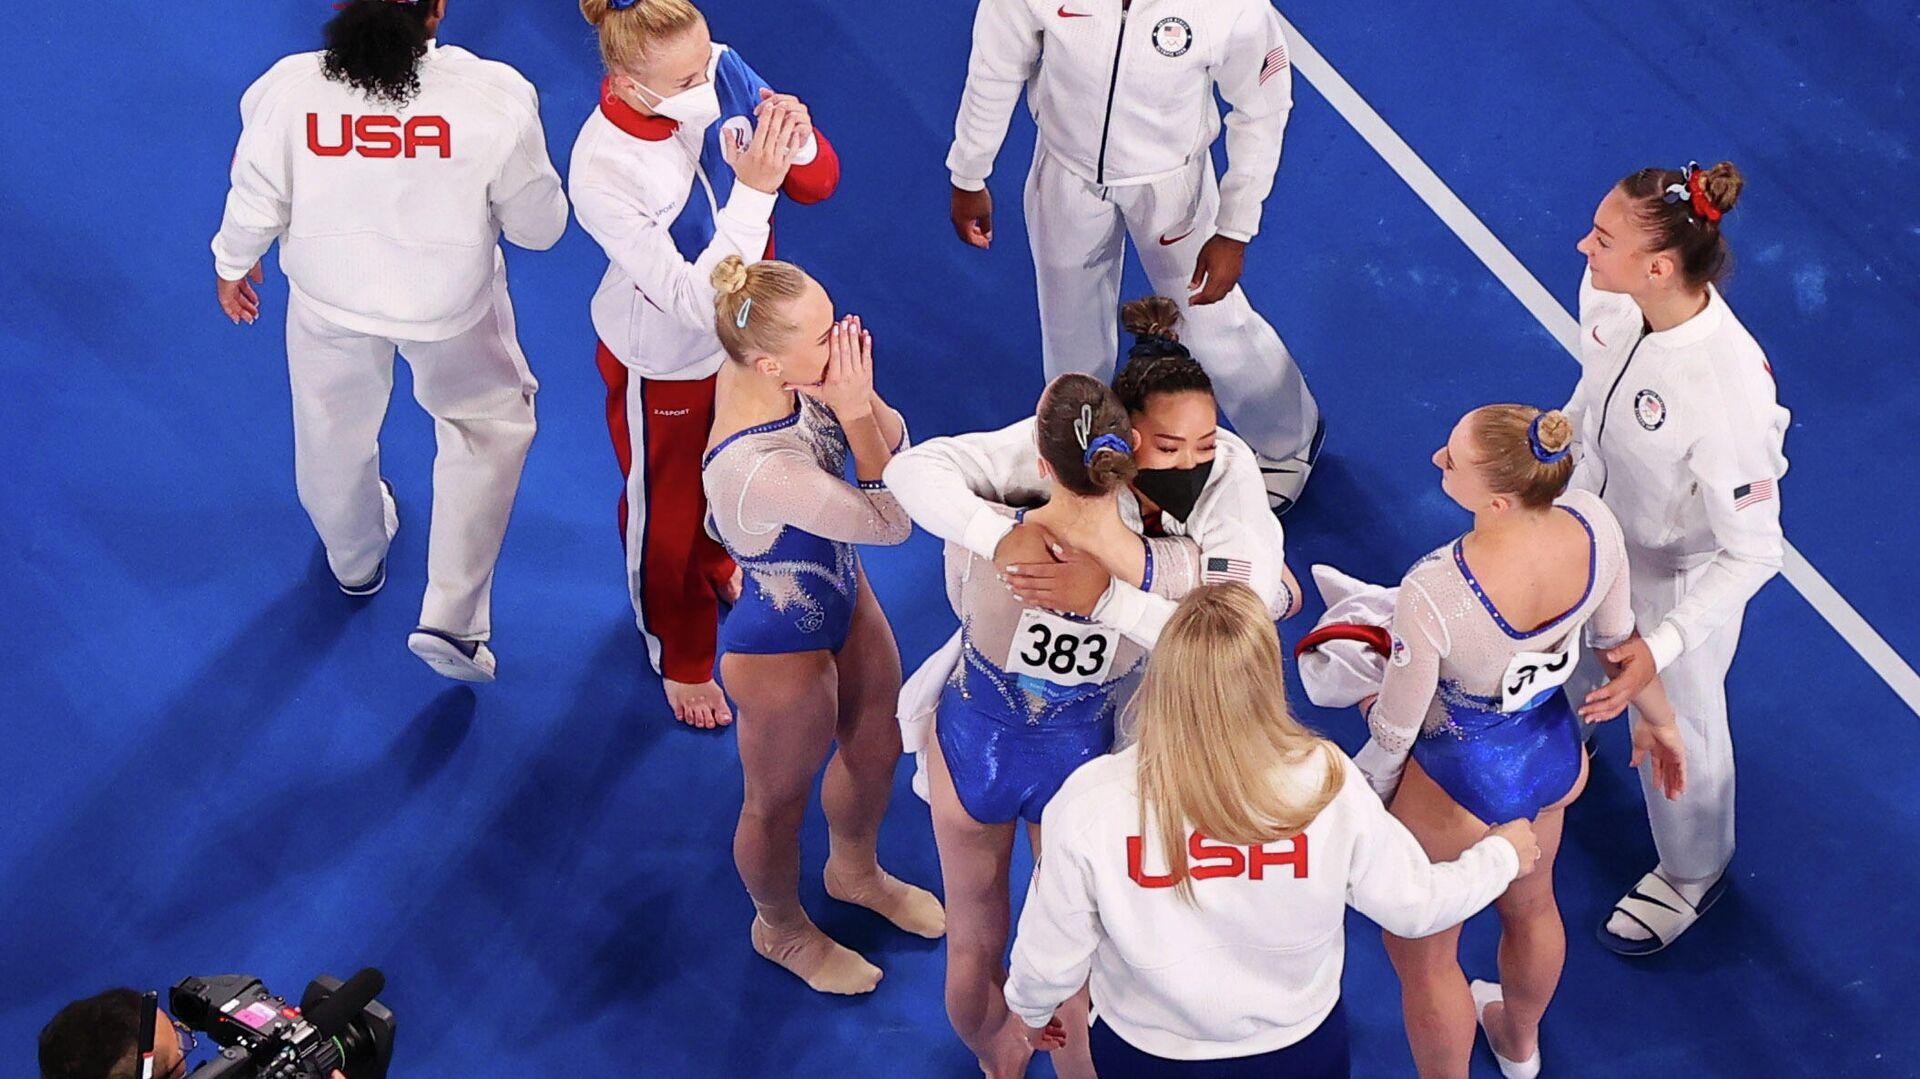 Американка Симона Байлз поздравляет российских гимнасток с победой на Олимпийских играх - РИА Новости, 1920, 27.07.2021